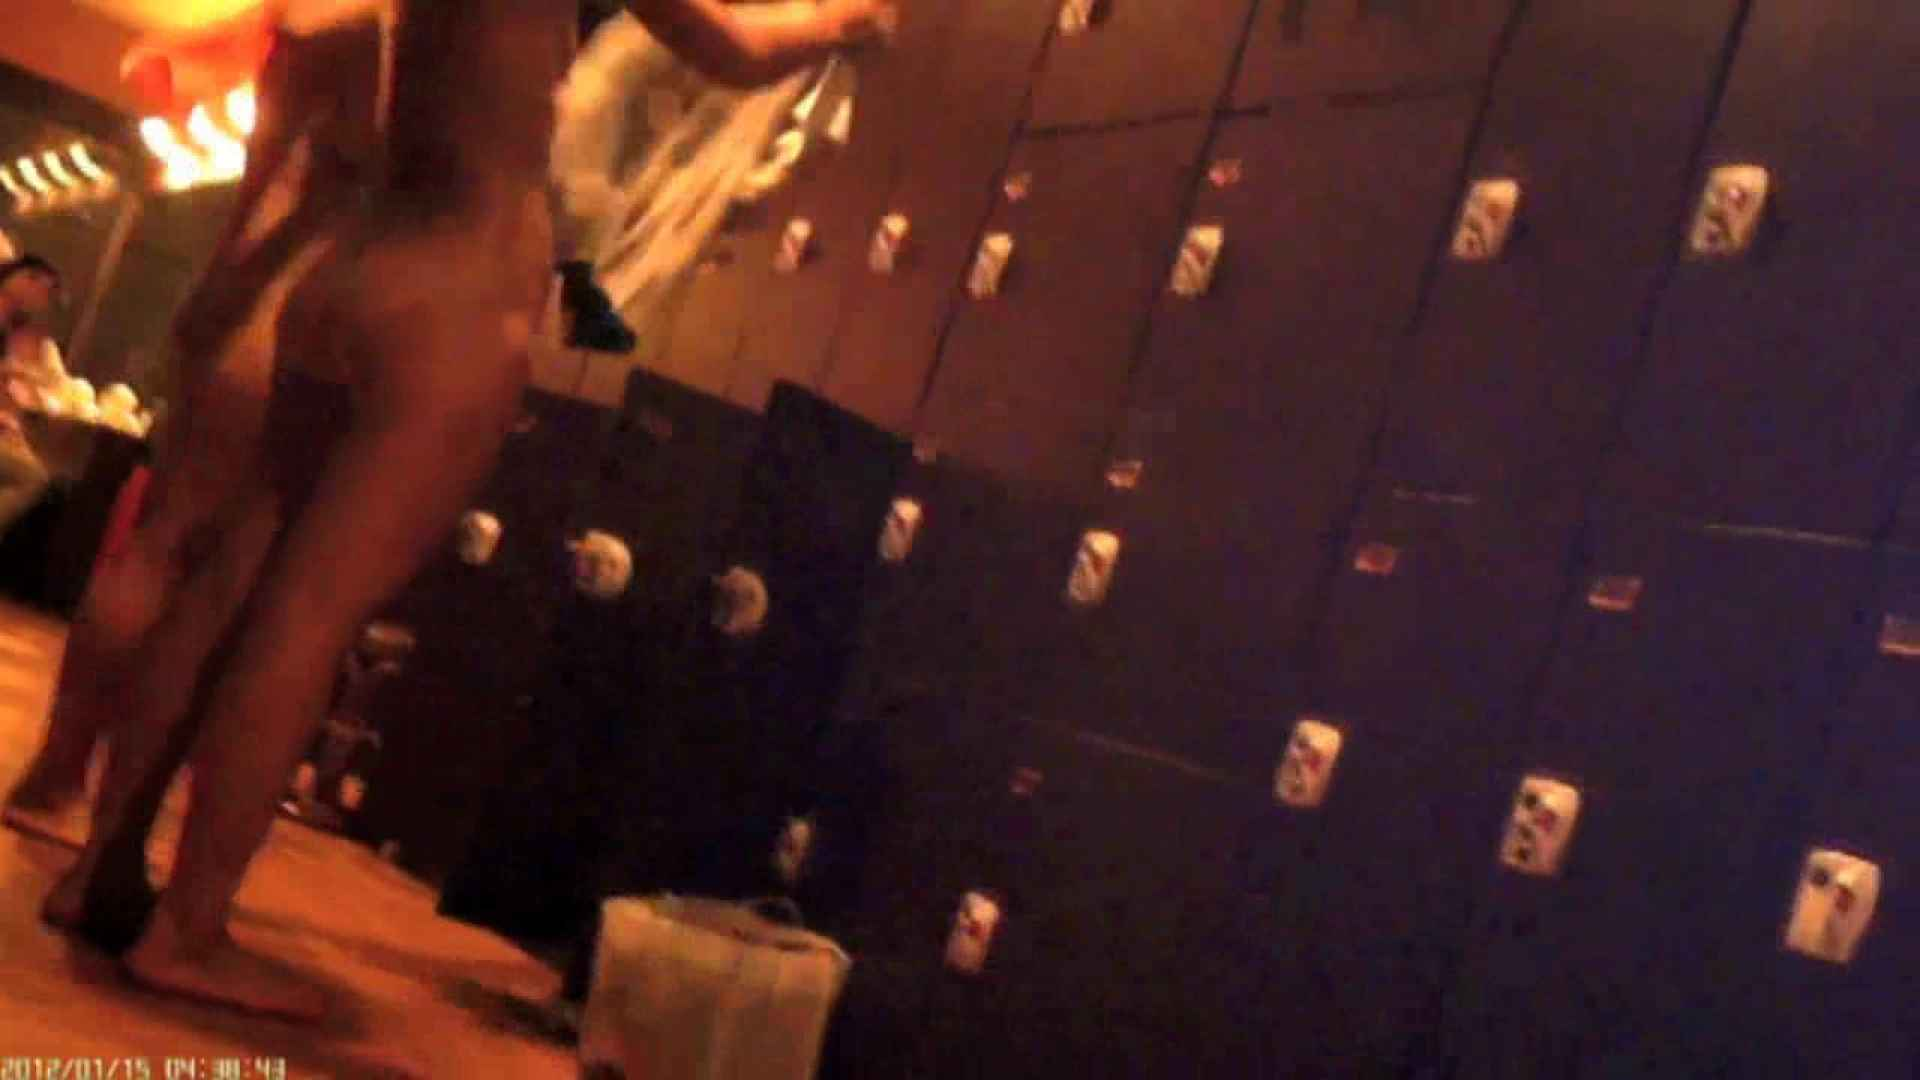 現役ギャル盗撮師 hana様の女風呂潜入撮!Vol.5 OLセックス 隠し撮りすけべAV動画紹介 60画像 58